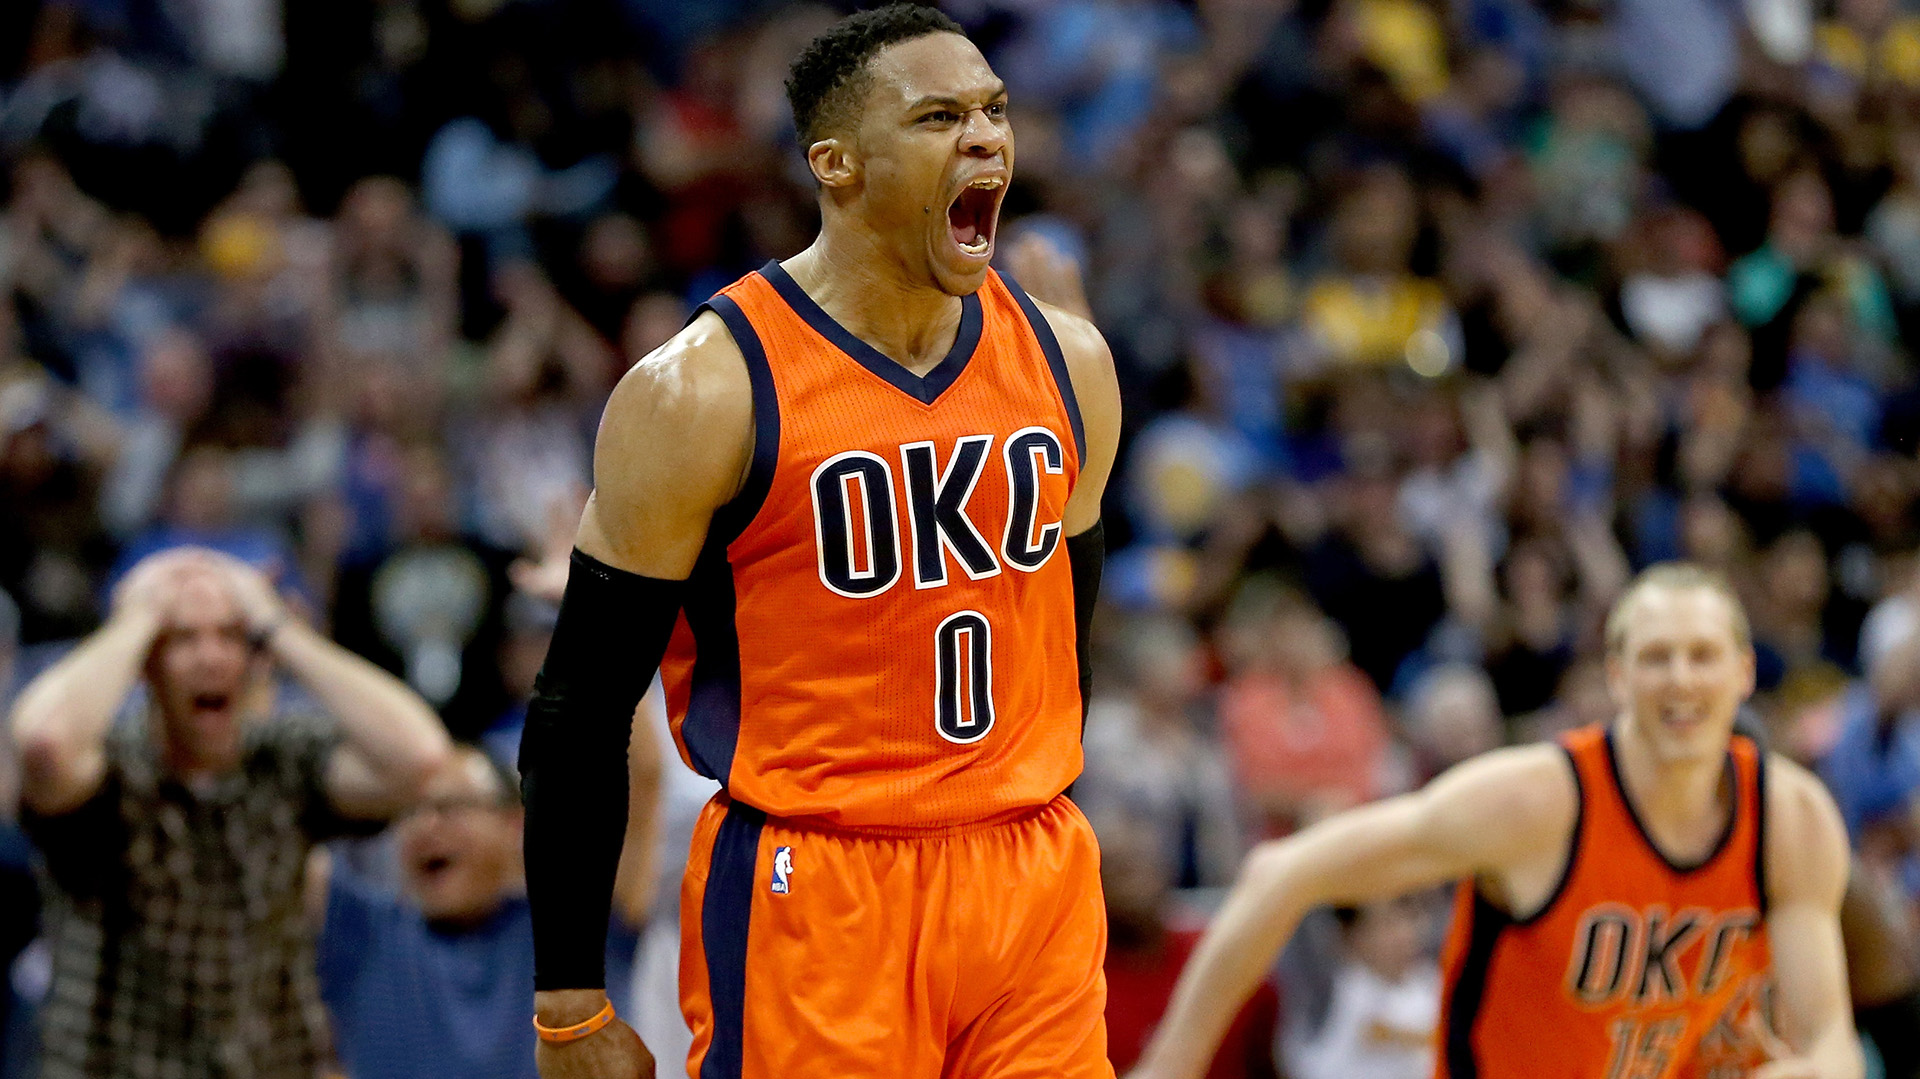 Russel Westbrook, MVP de la última temporada, ha firmado el contrato más grande de la historia de la NBA (Getty Images)